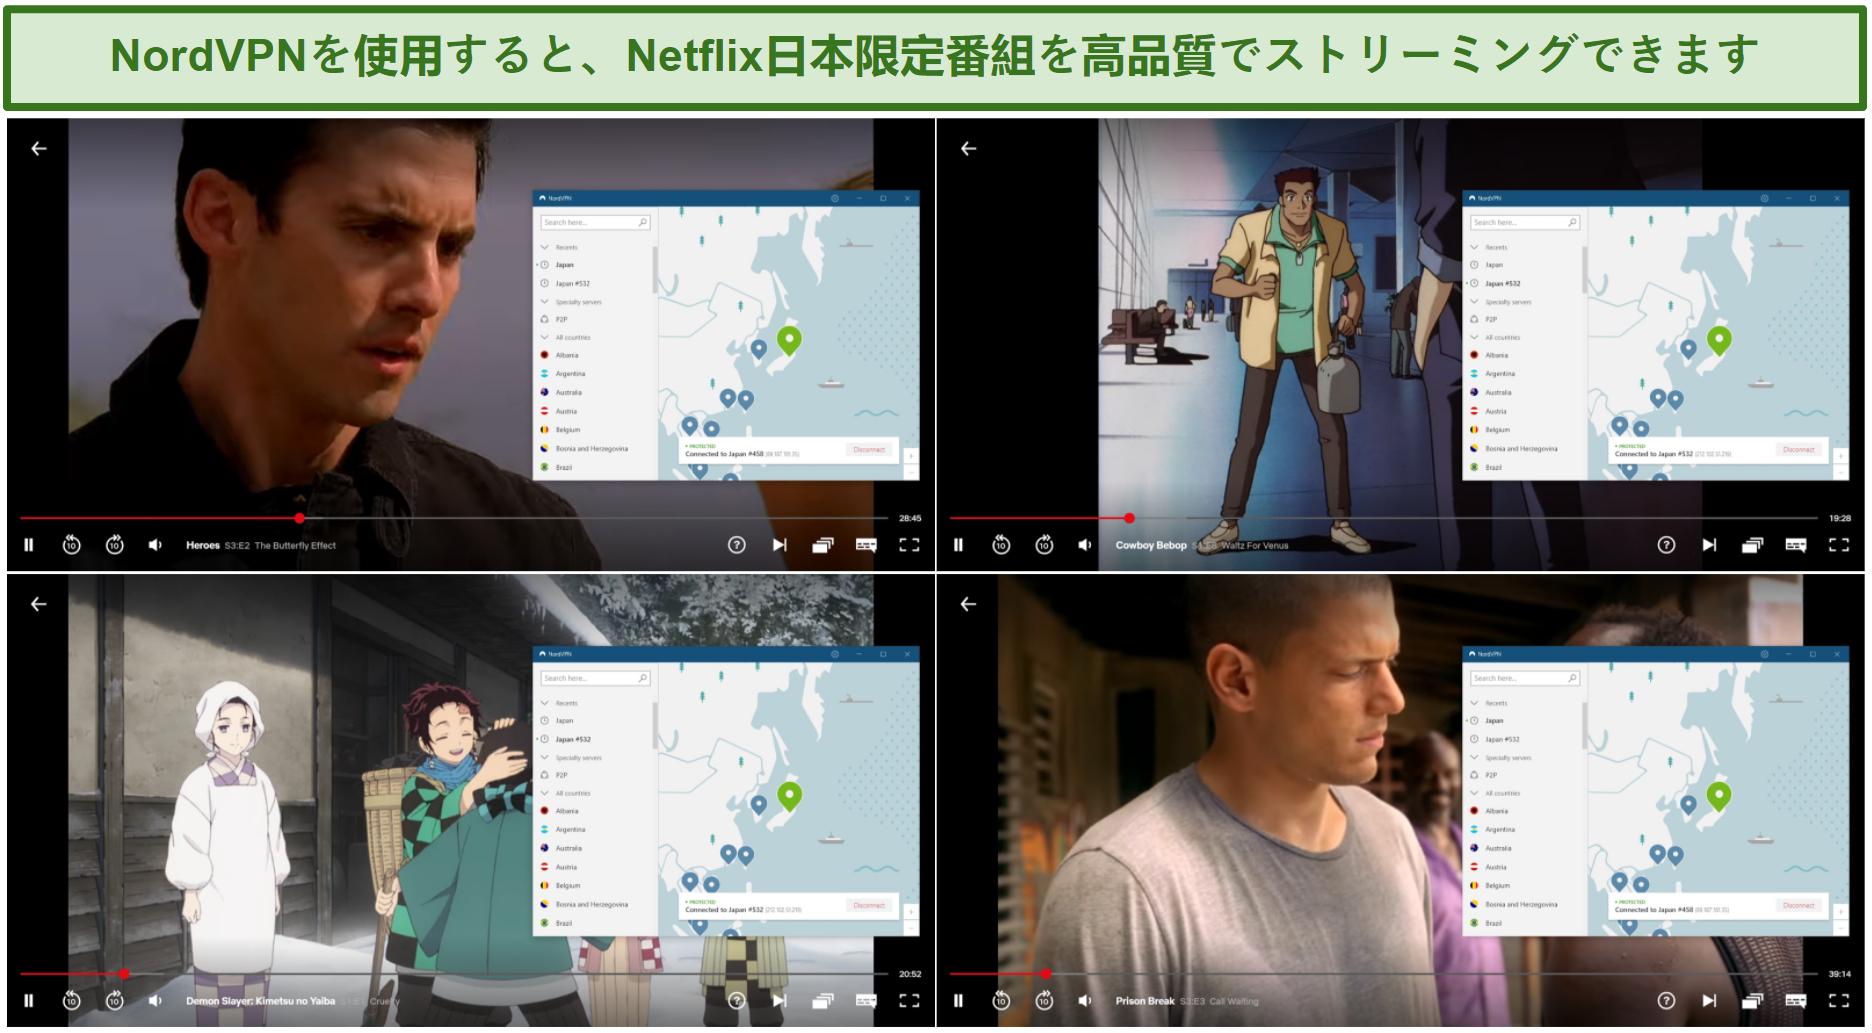 NordVPNストリーミングプリズンブレイク、カウボーイビバップ、ヒーローズ、デーモンスレイヤーのスクリーンショット:NetflixJapanのキメツノヤイバ